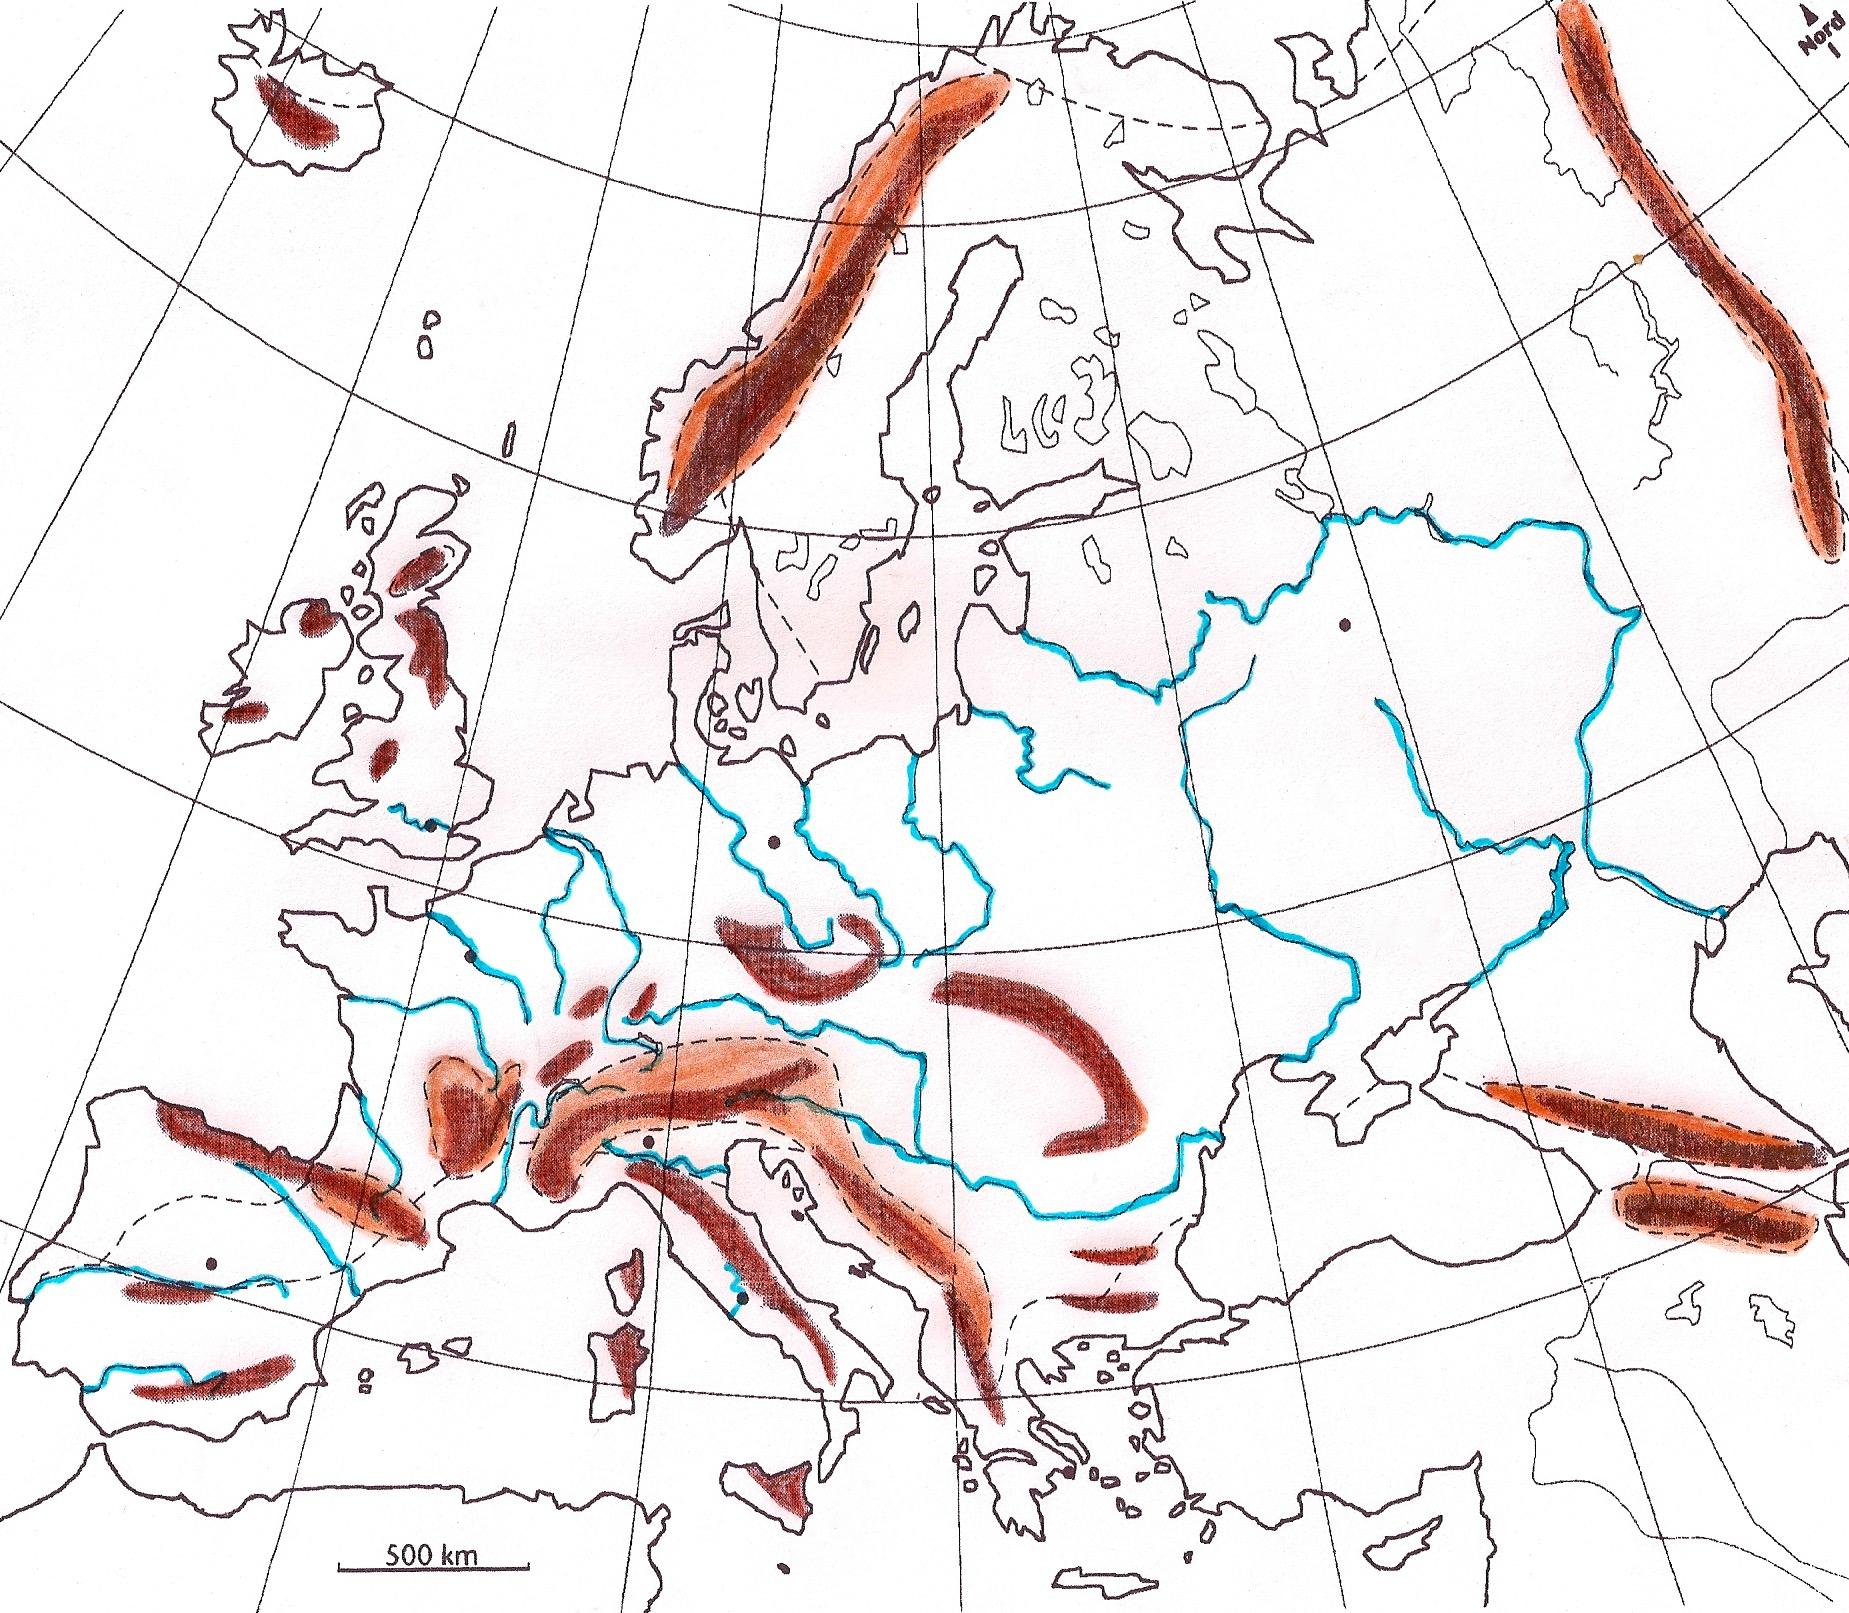 Le Continent Européen, Ses Divisions Et Ses Limites - Profs concernant Carte Europe Vierge Cm1